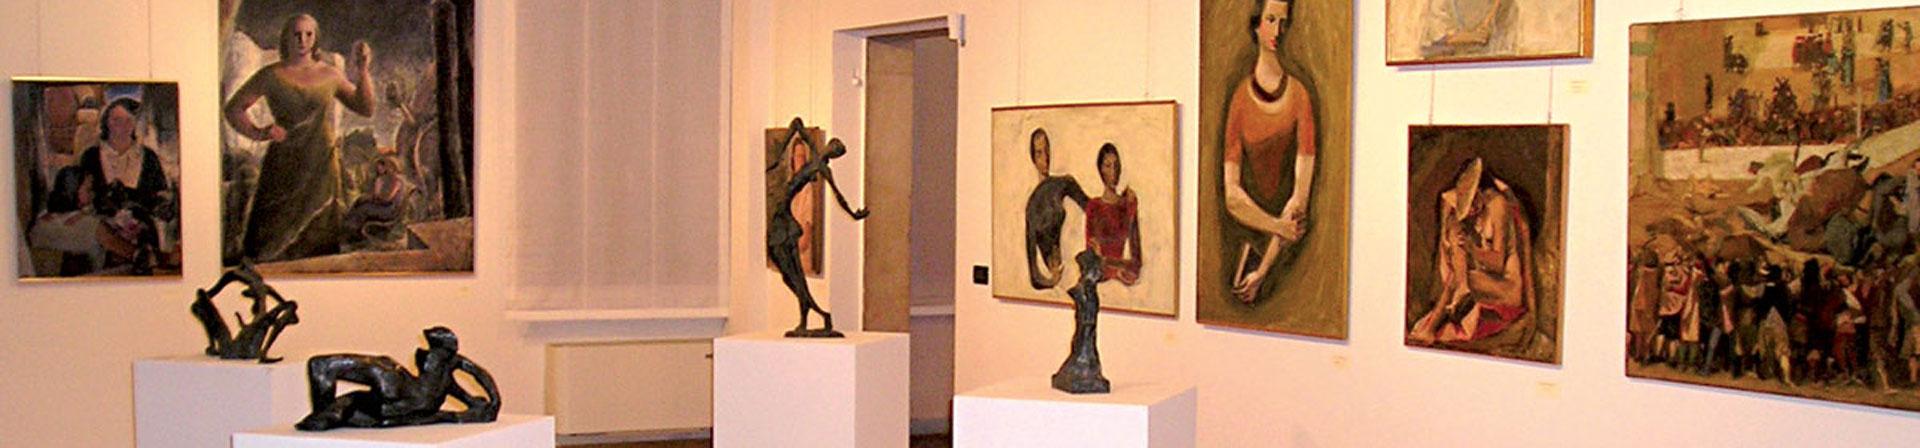 Cosa vedere a Sacile: Galleria Casarini - interno